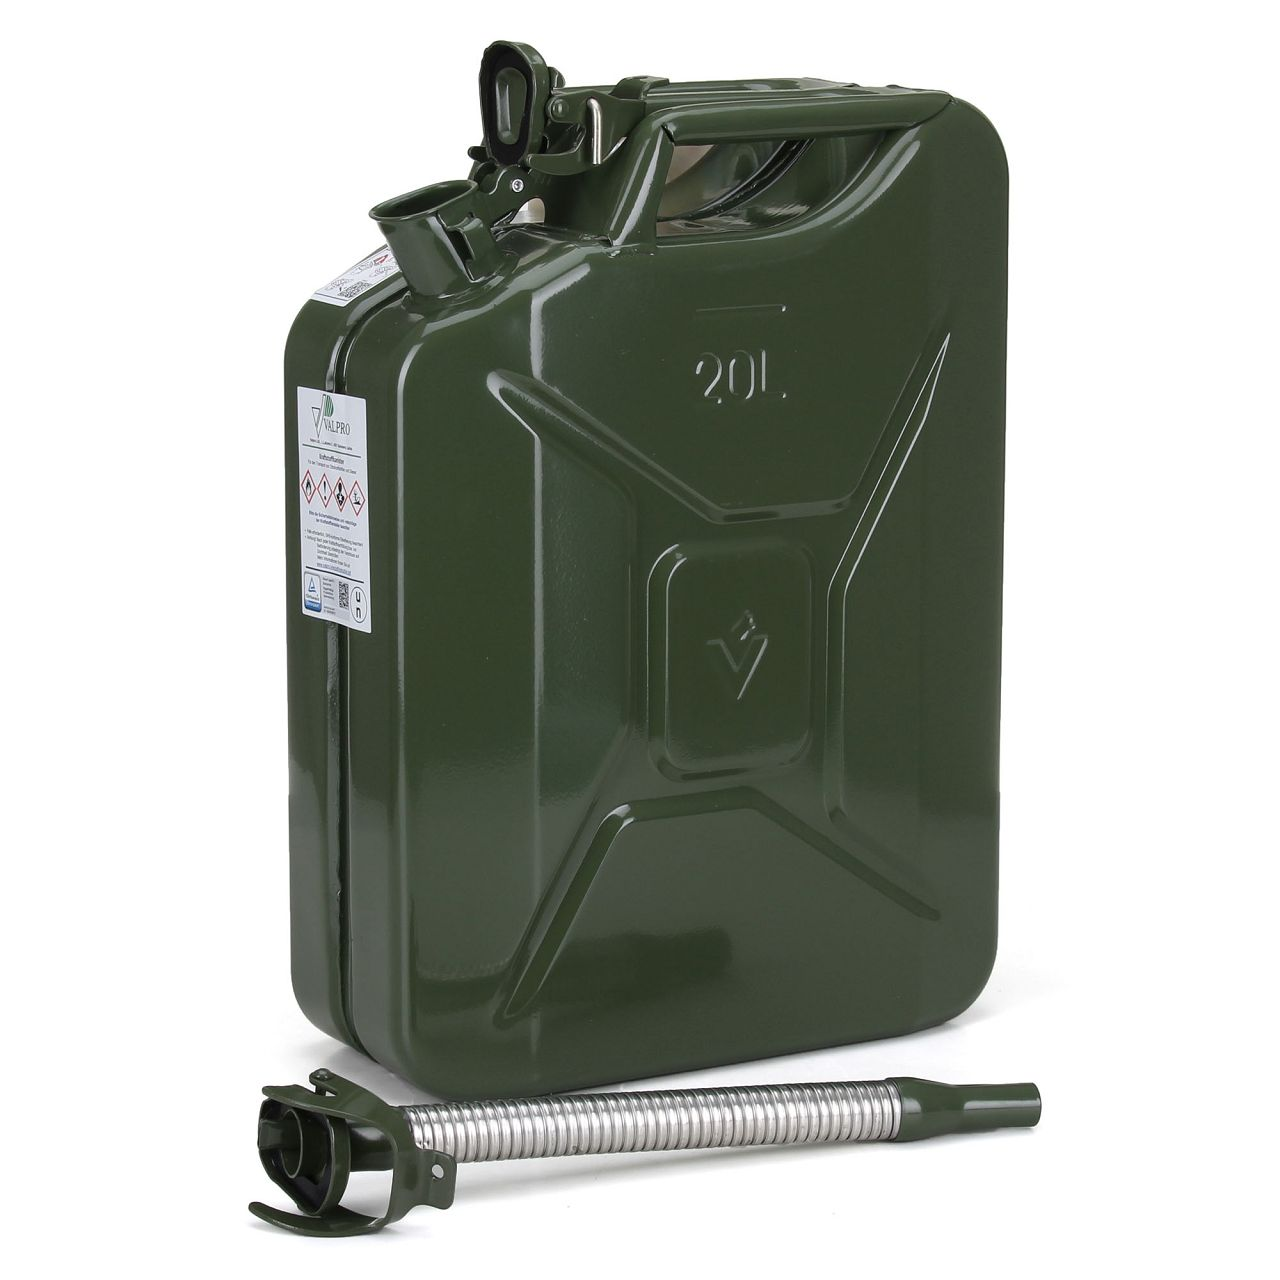 VALPRO Kanister Benzinkanister METALL 20 Liter + Einfüllstutzen Ausgießer BENZIN